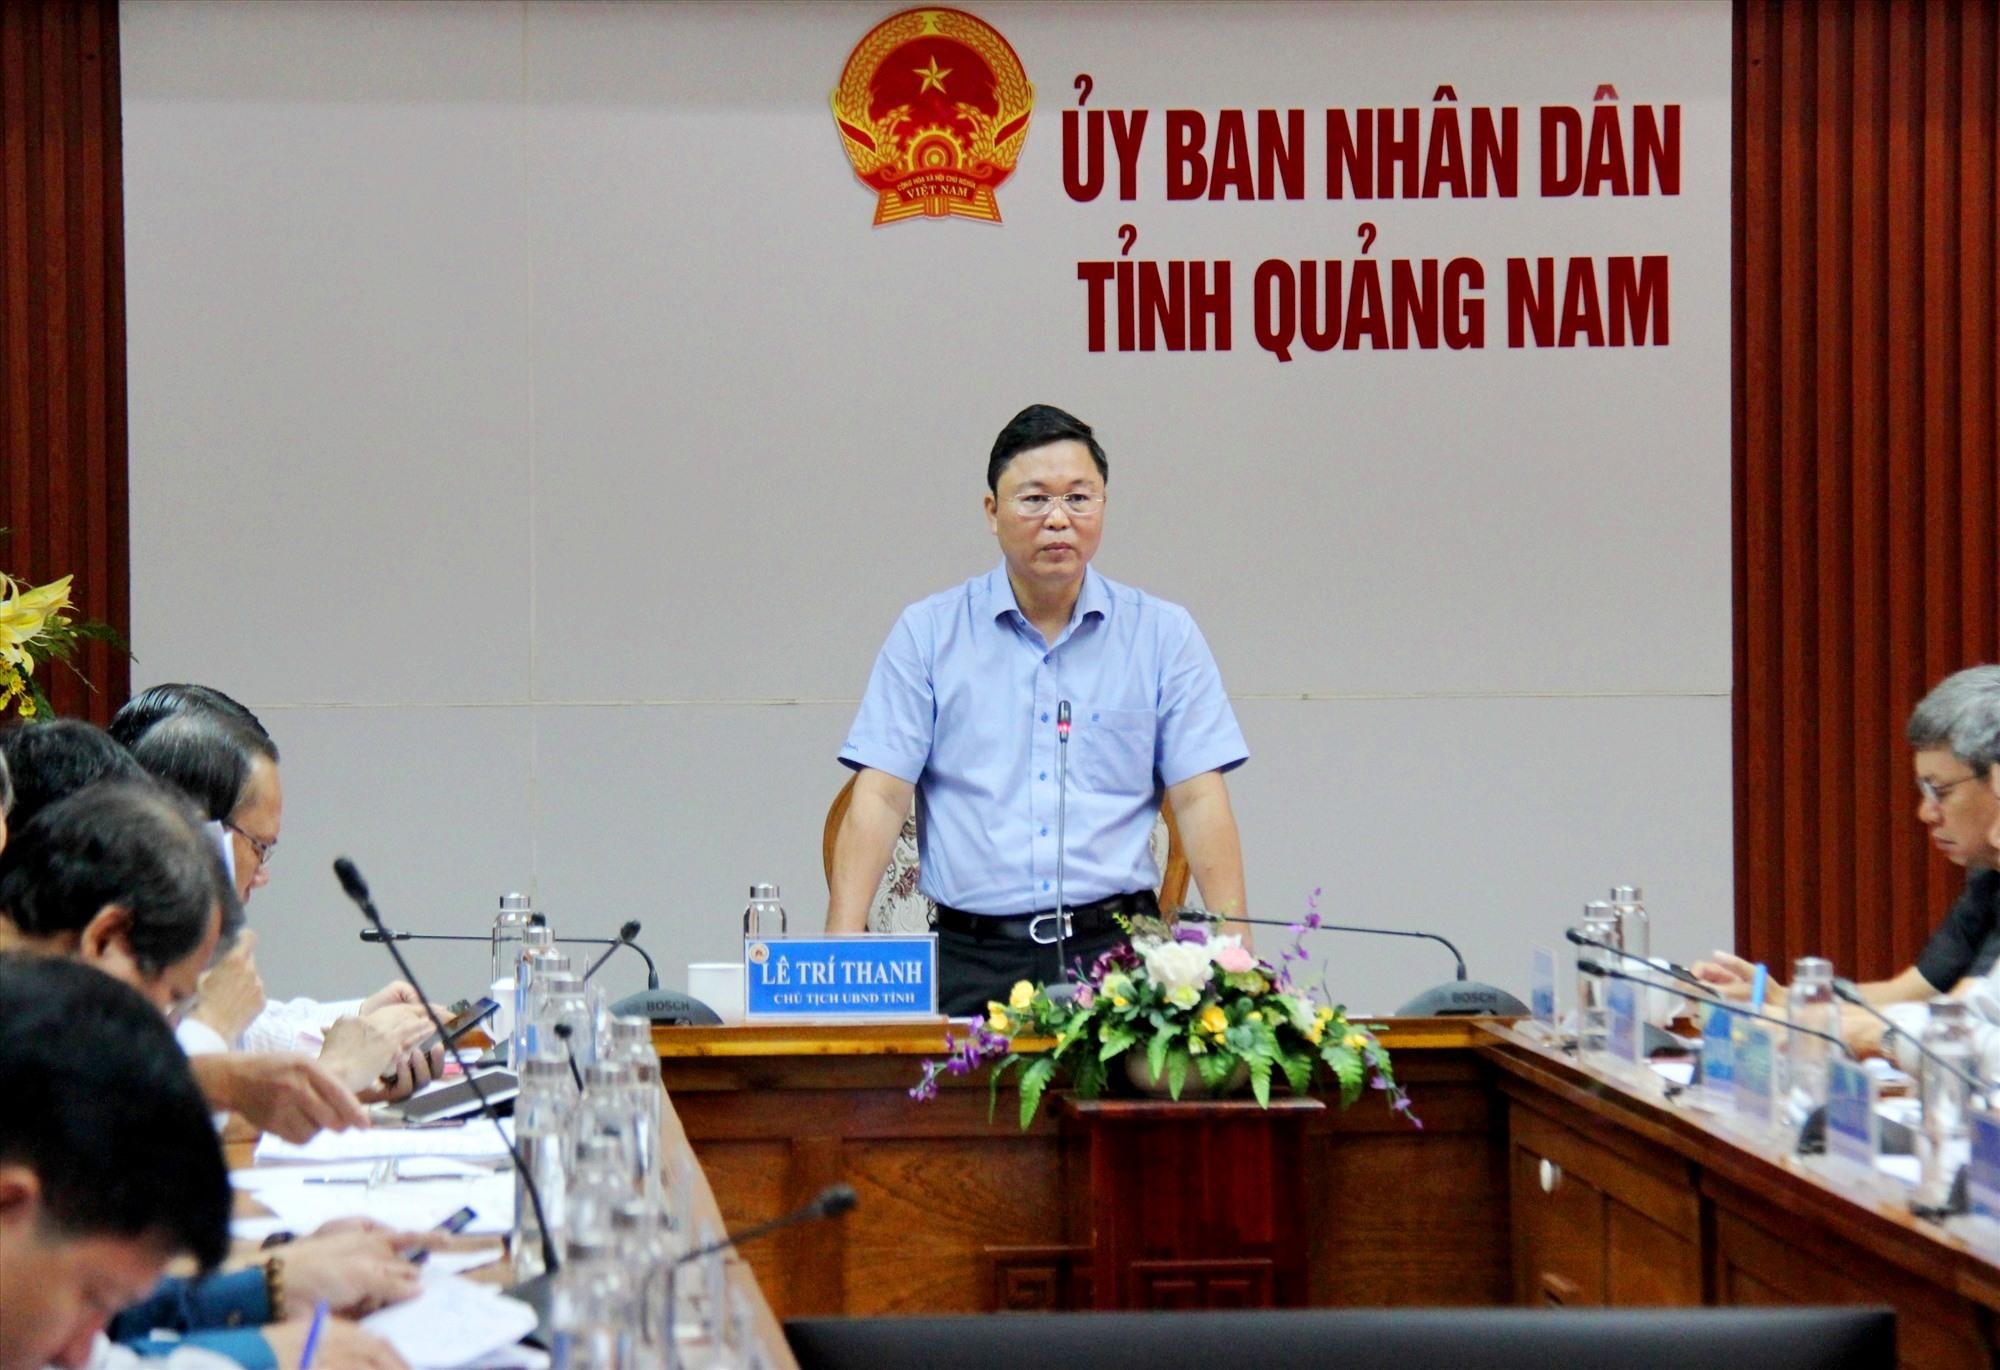 Chủ tịch UBND tỉnh Lê Trí Thanh báo cáo công tác phòng chống bão số 13. Ảnh: Đ.ĐẠO